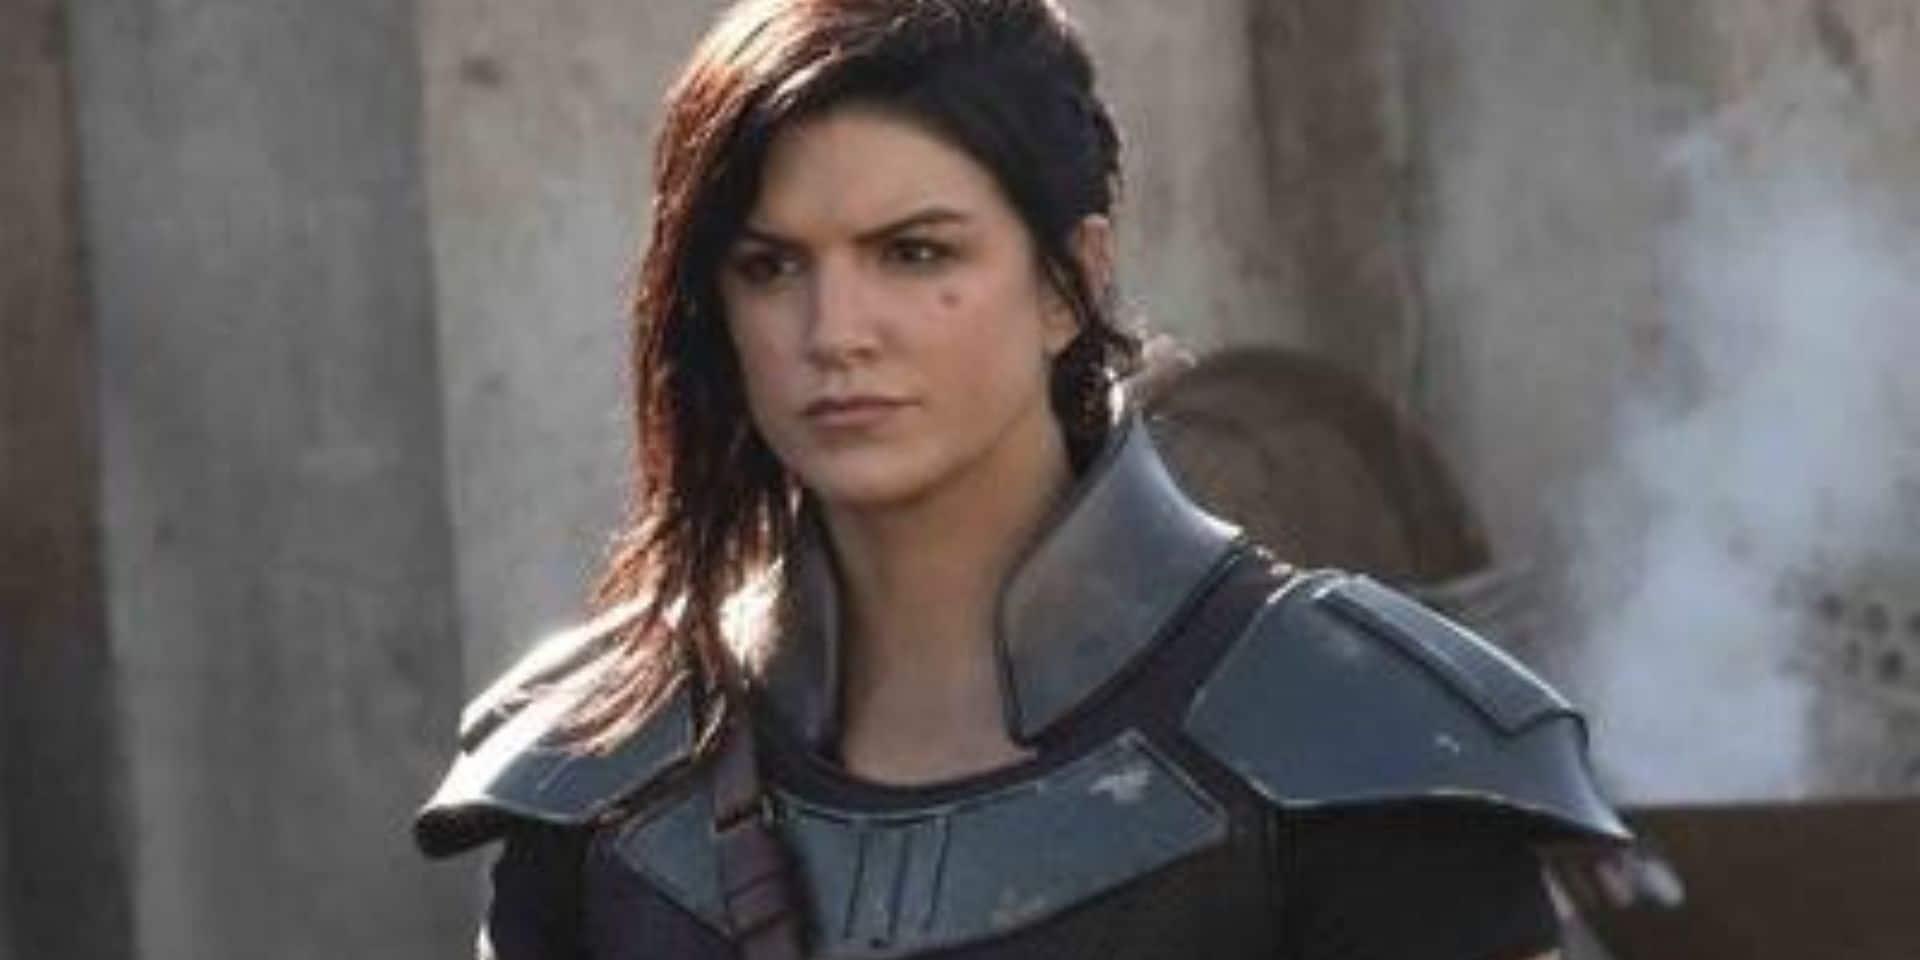 De nombreux fans de The Mandalorian veulent virer une actrice de la série